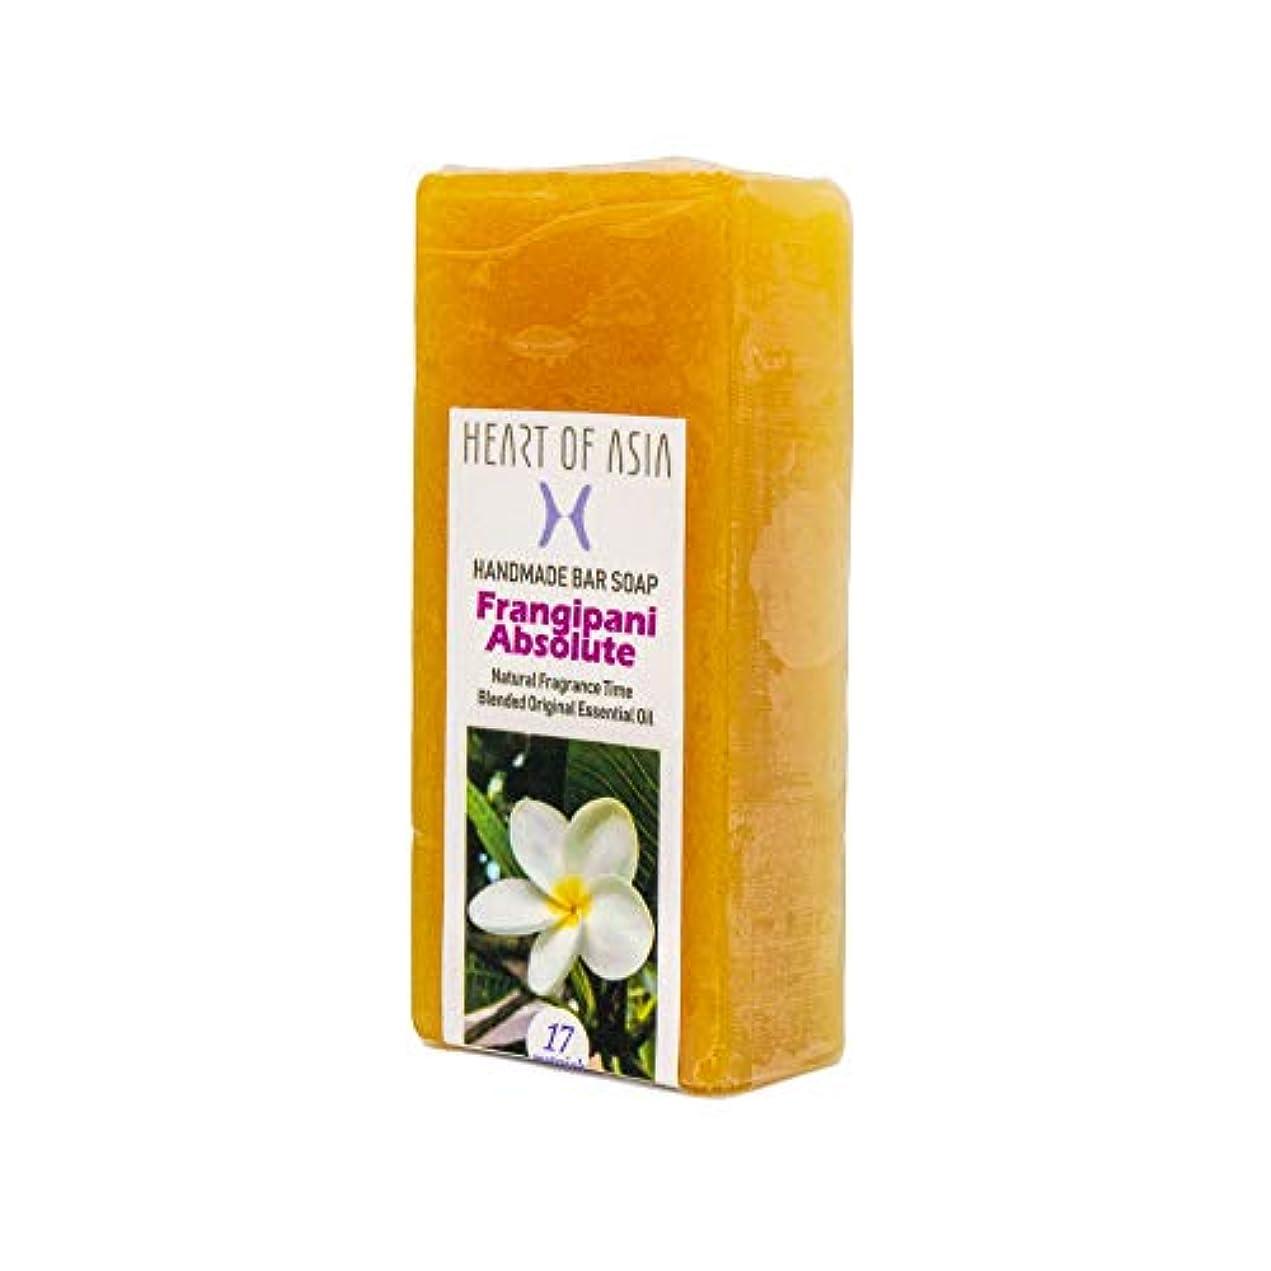 コンデンサー気絶させる流香水のようなフレグランス石けん HANDMADE BAR SOAP ~Frangipani Absolute~ (単品)